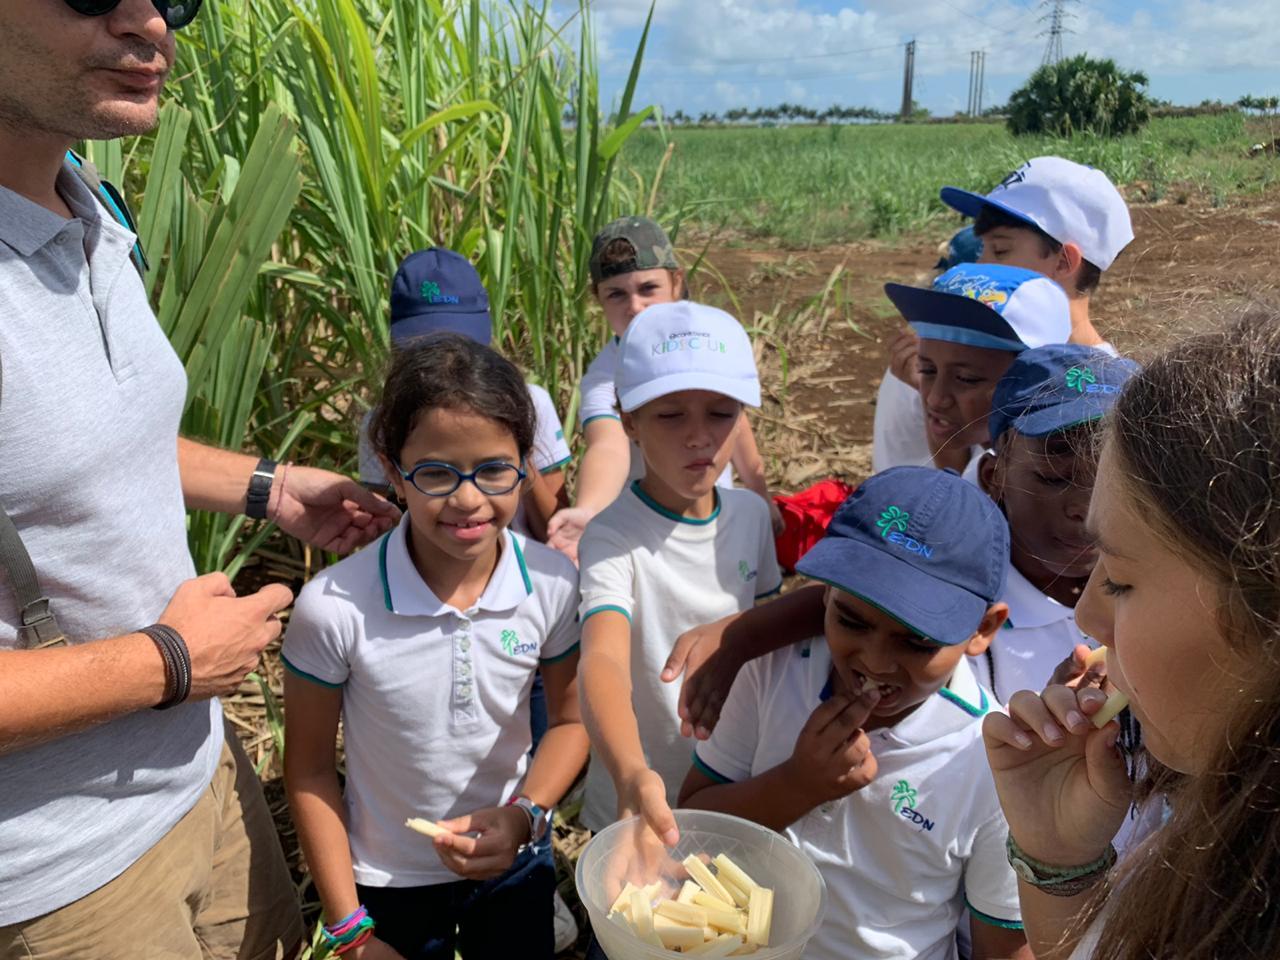 2019-27-11 classe decouverte CM1B aventure du sucre (5)